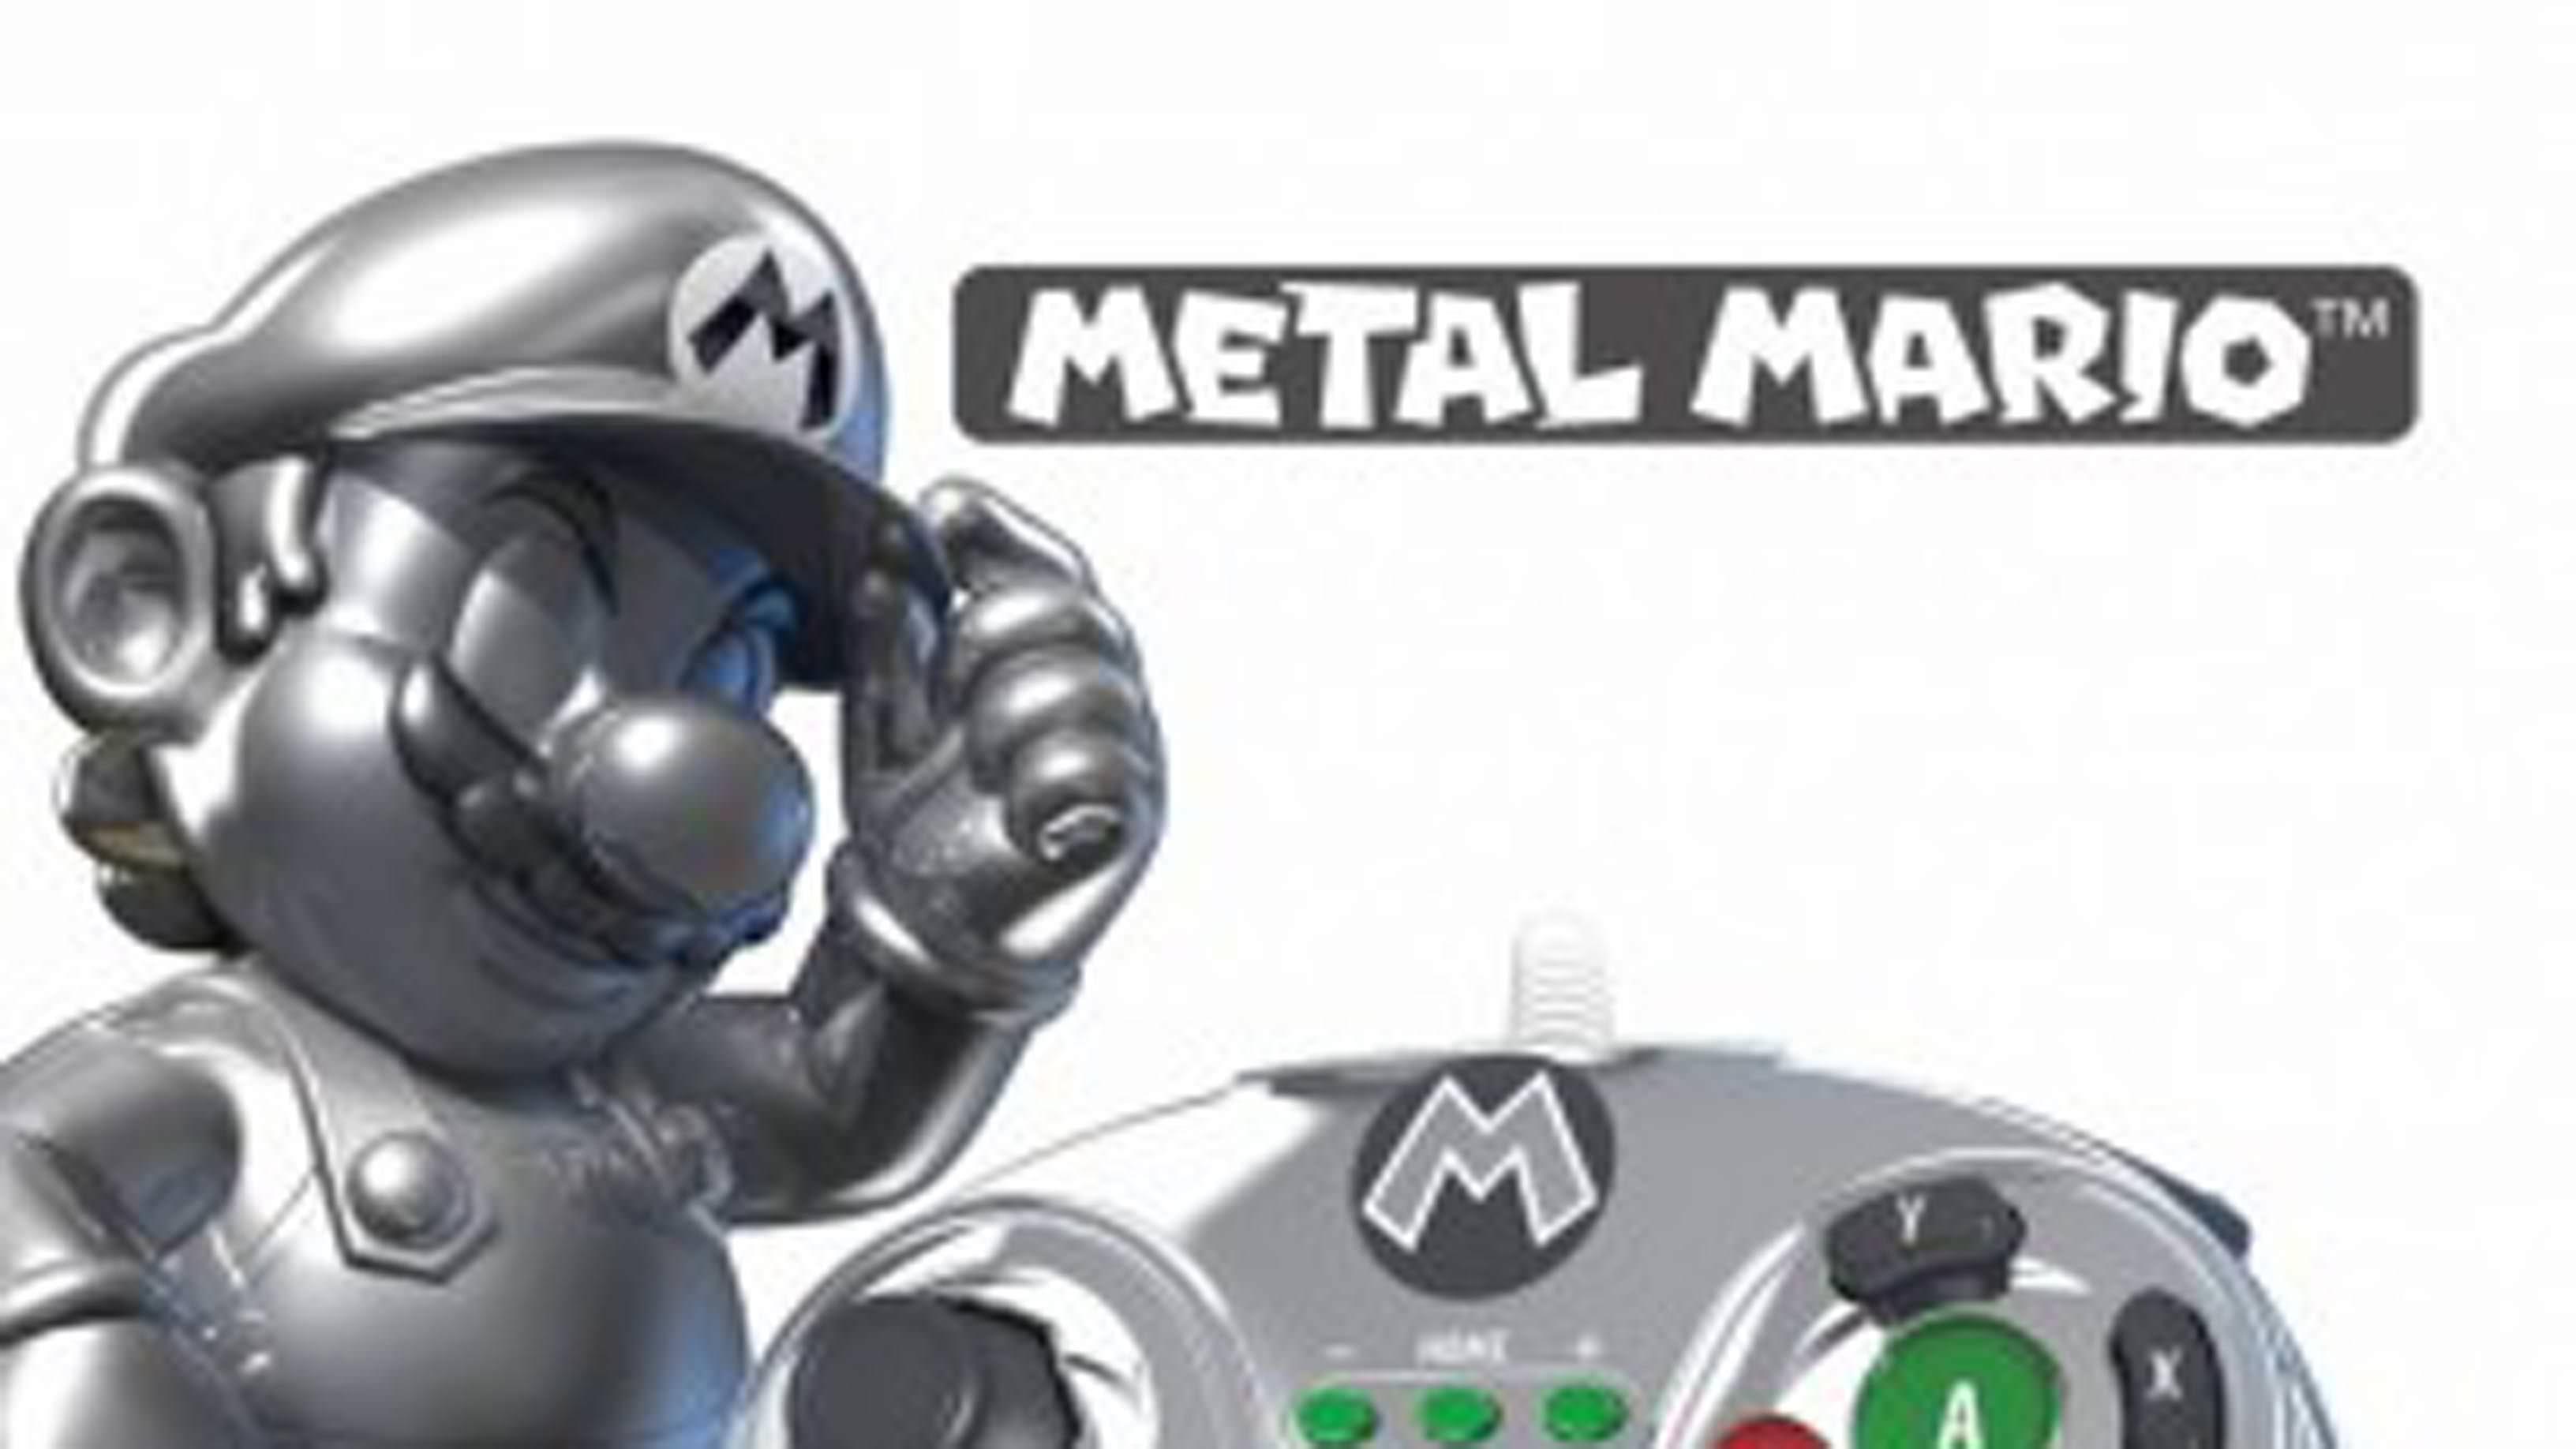 Nuevas imágenes de los mandos inspirados en Metal Mario, Samus Zero y Toad